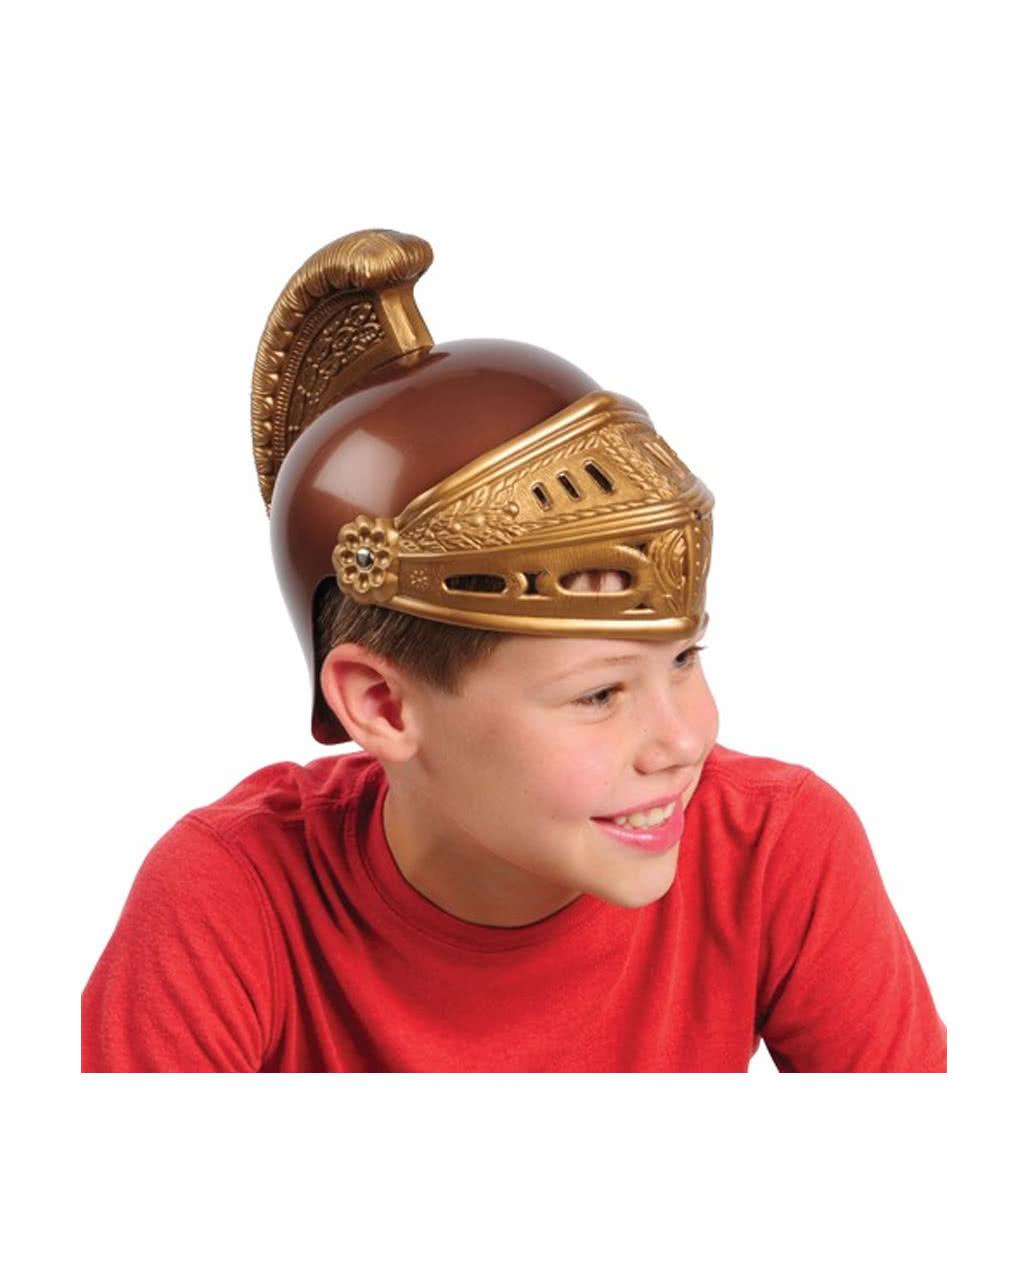 kinder r merhelm gladiator helm legion rs helm. Black Bedroom Furniture Sets. Home Design Ideas